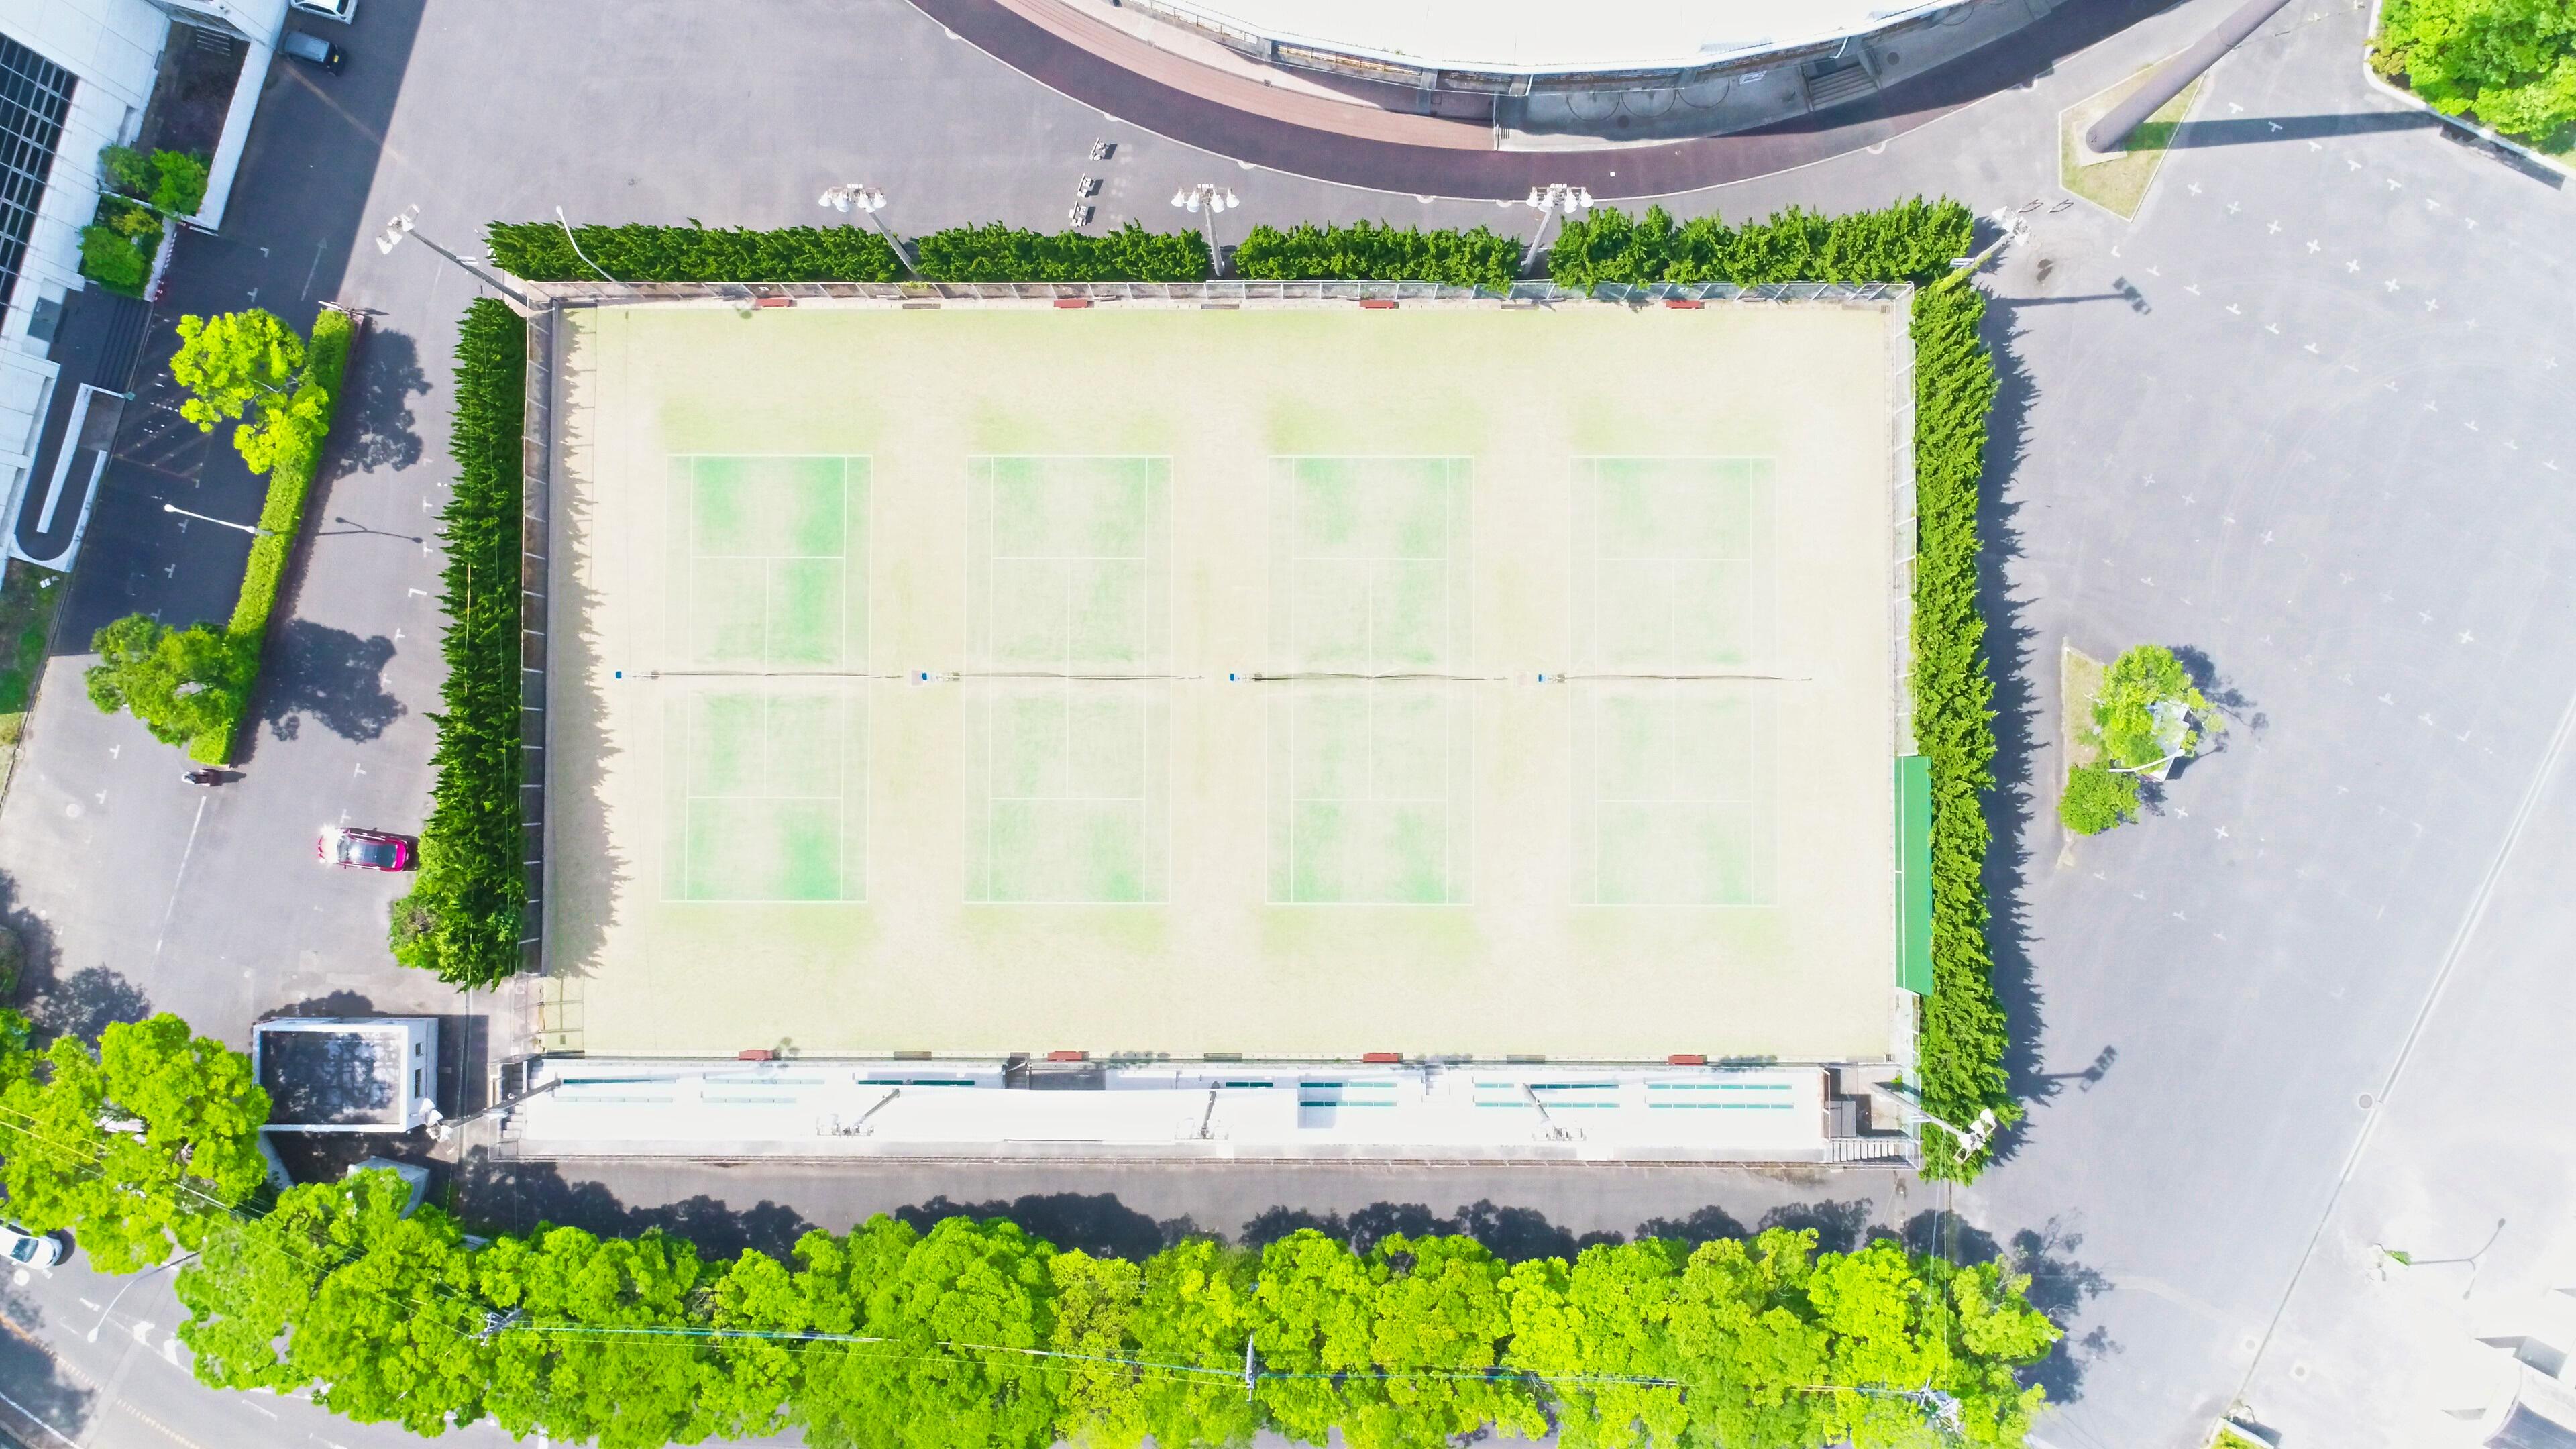 津久見市総合運動公園